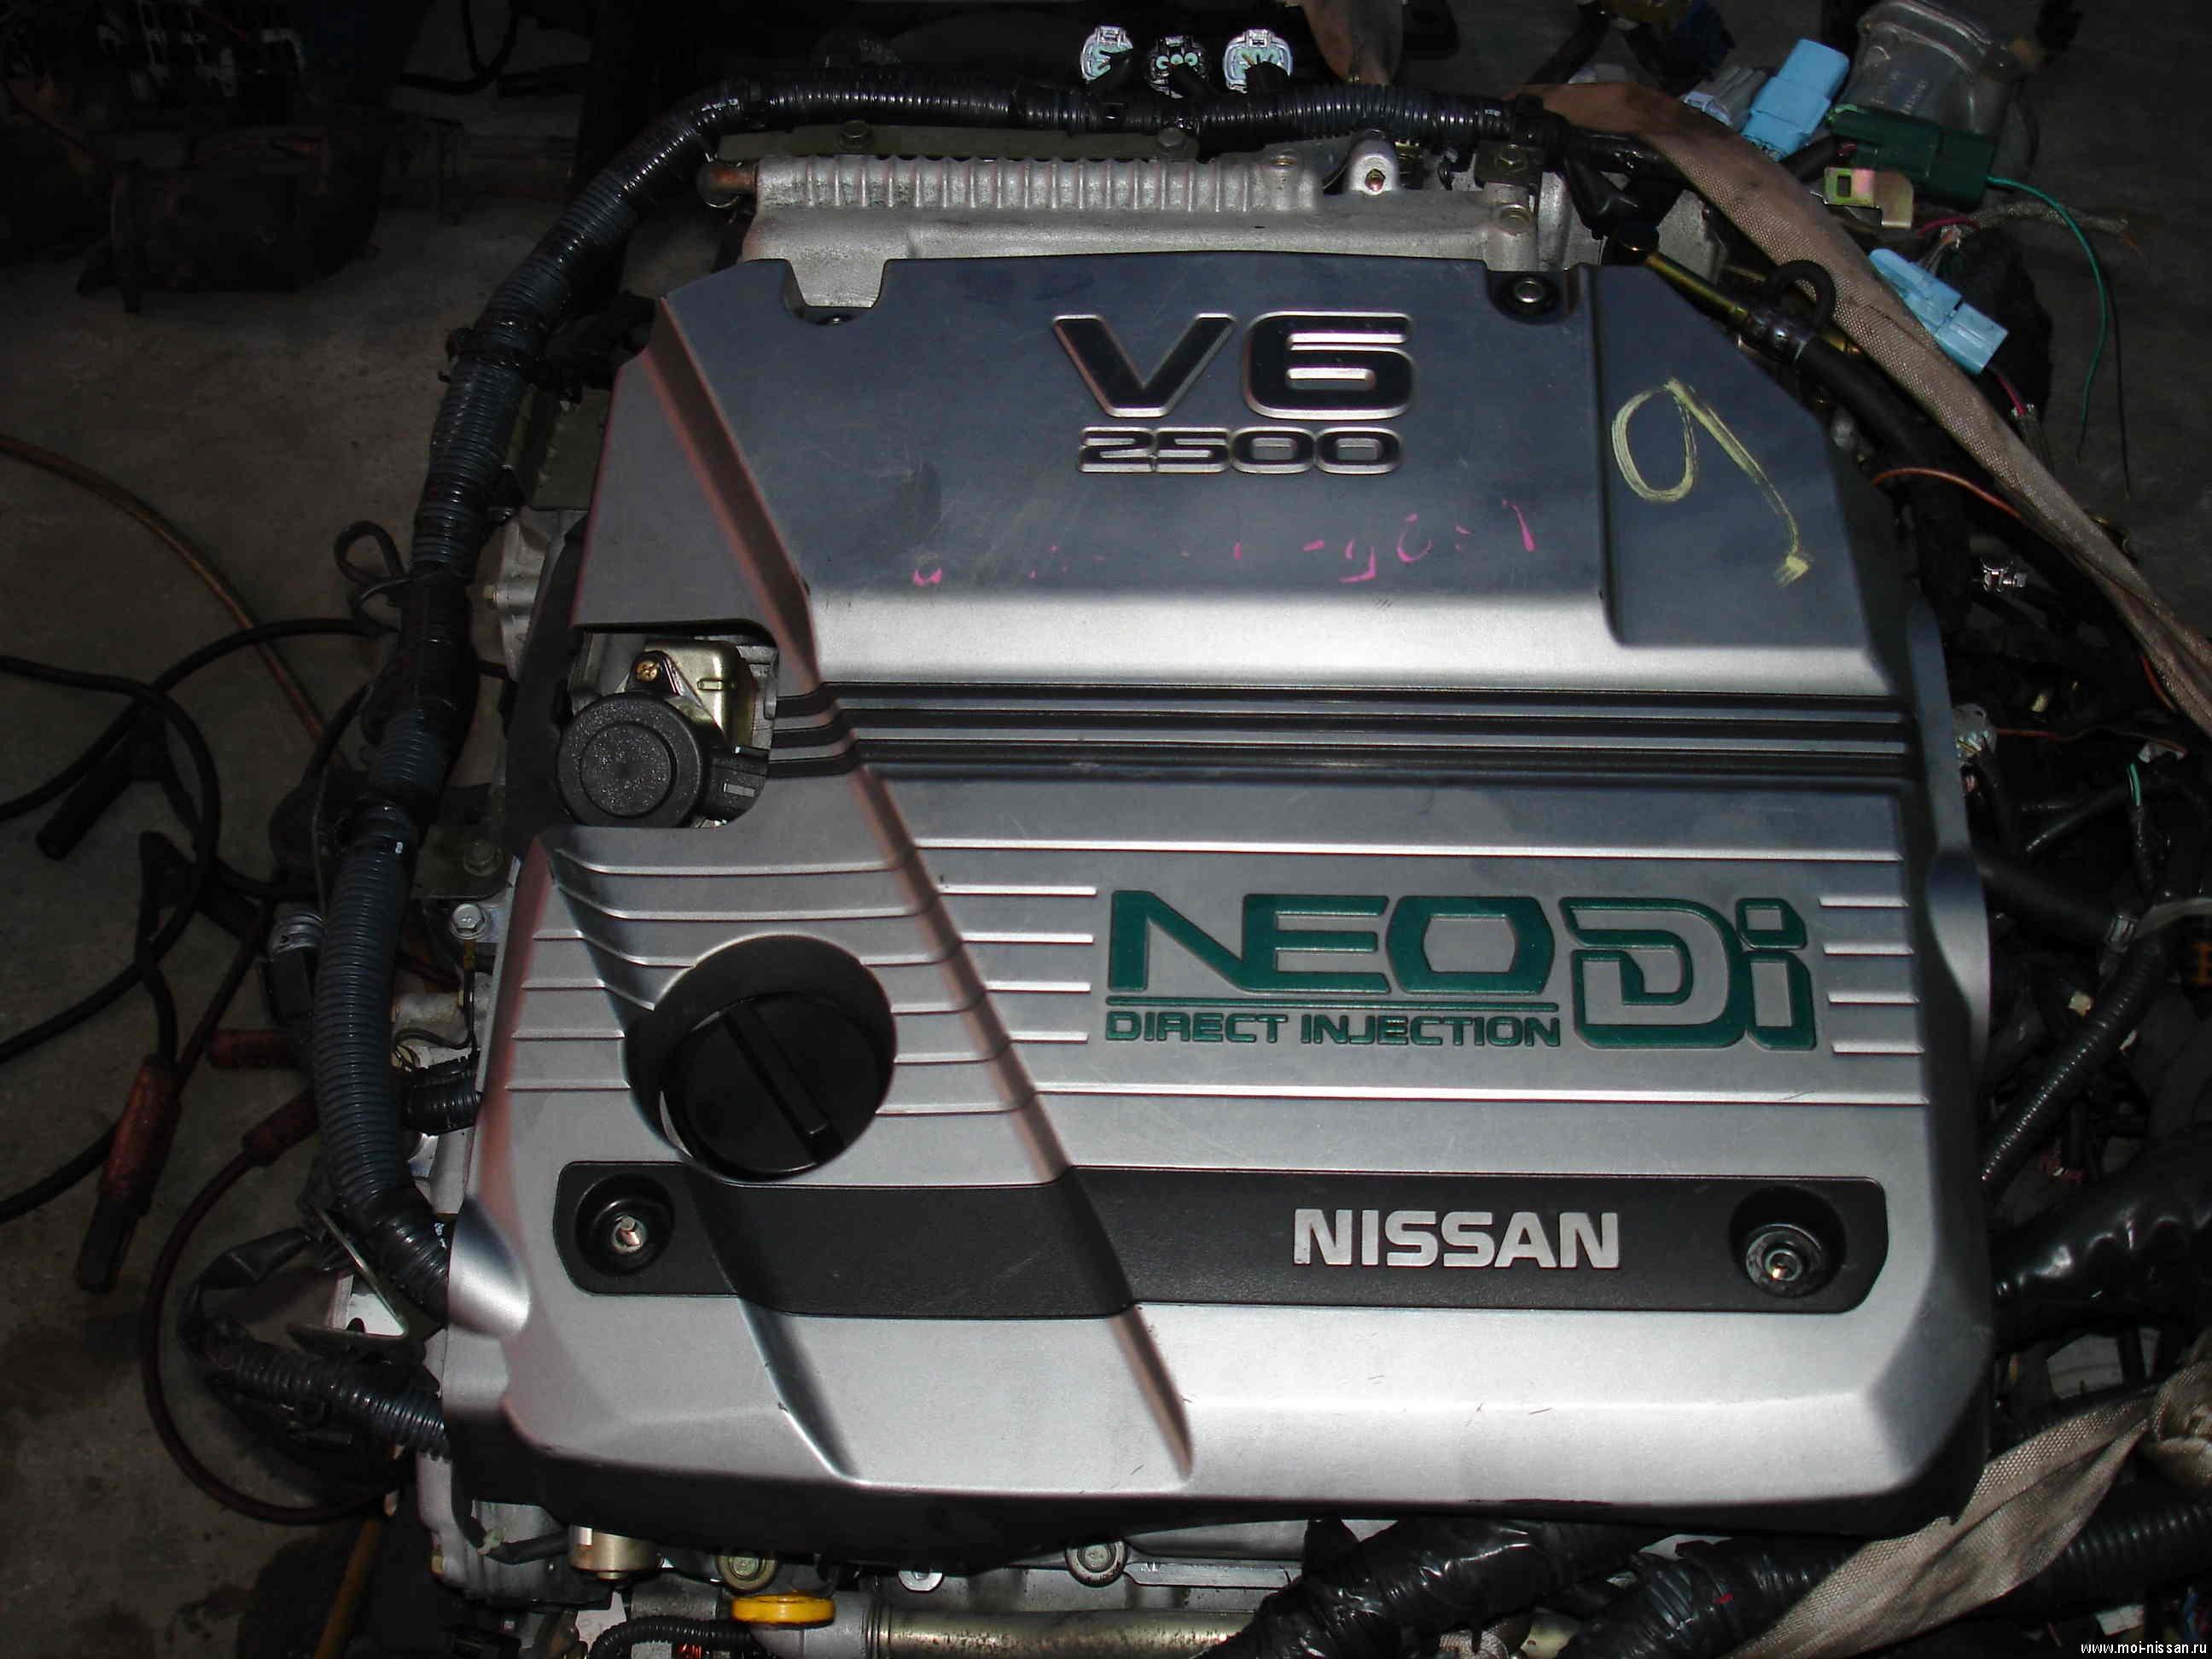 преимущества и недостатки двигателей nissan neo